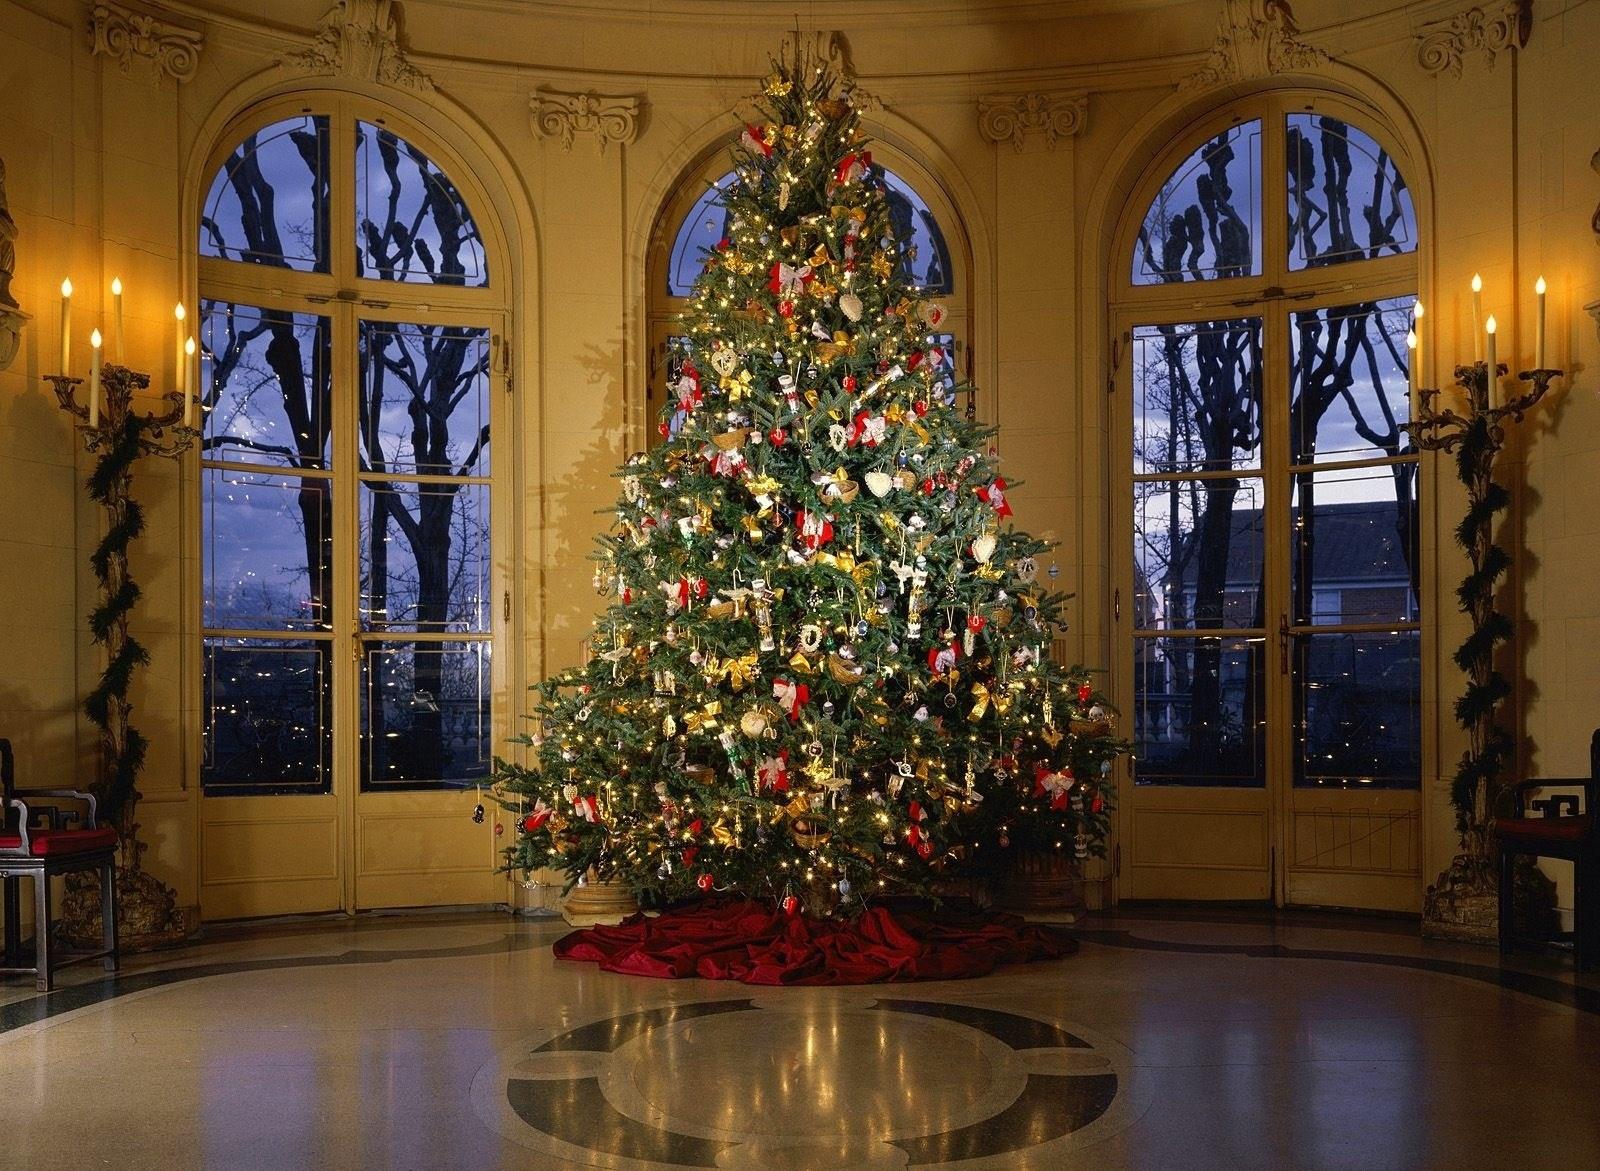 Украшенная елка - C наступающим новым годом 2019 поздравительные картинки